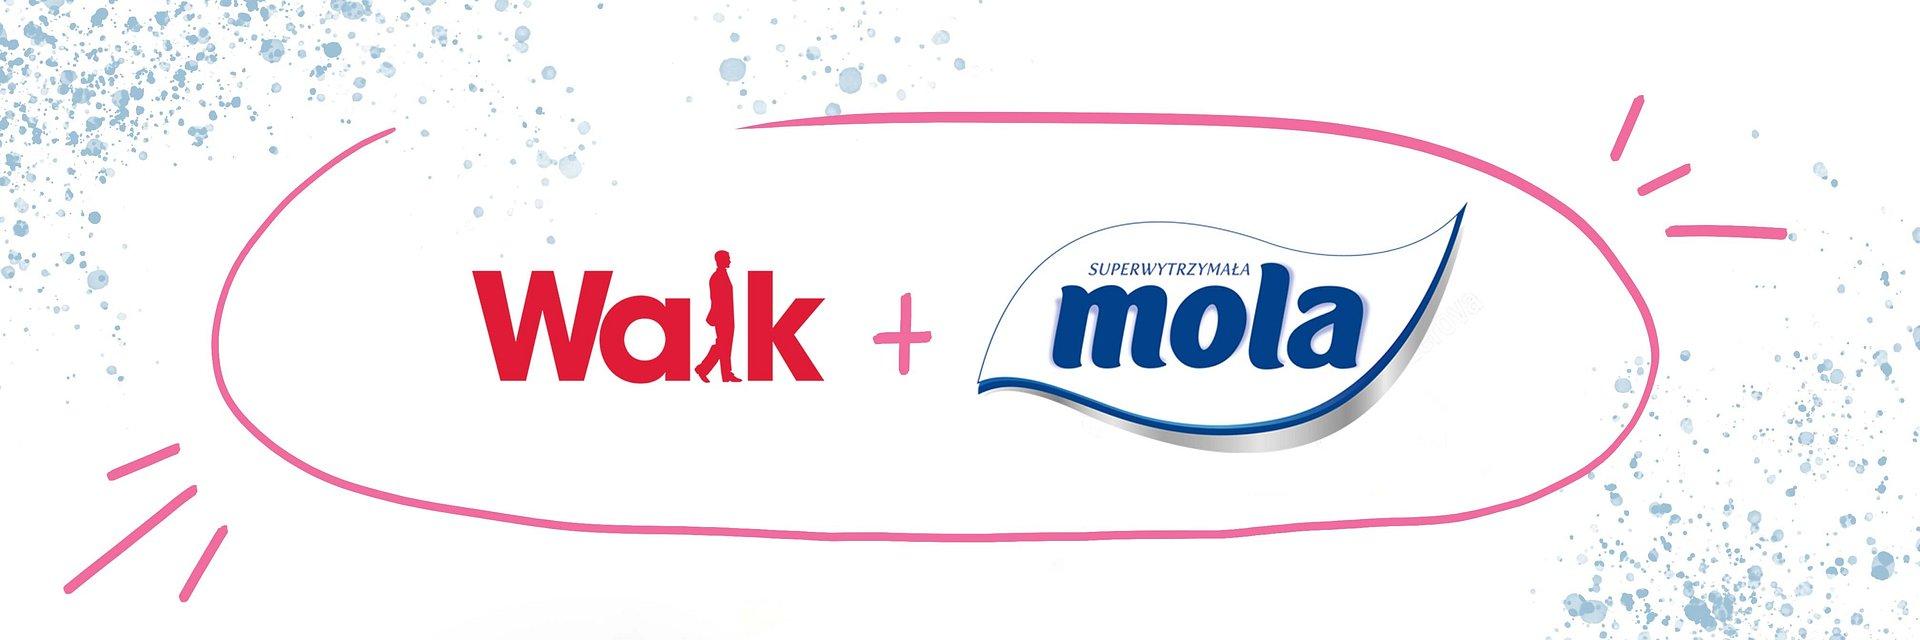 Walk z kampanią dla Mola